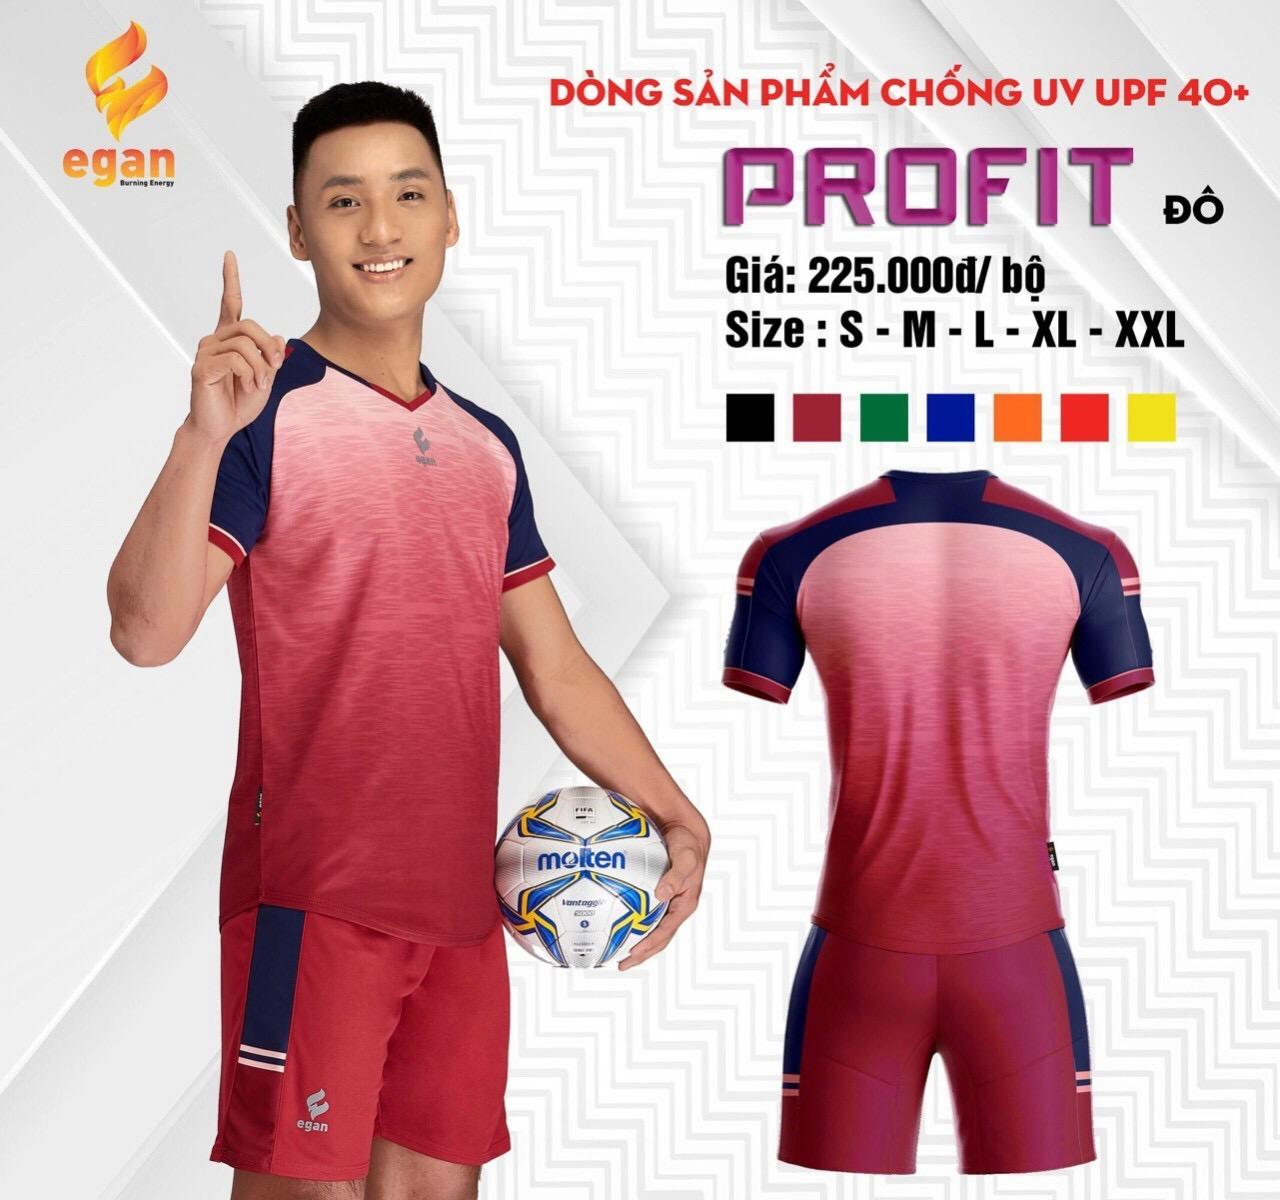 Quần áo bóng đá CP Sport Profit